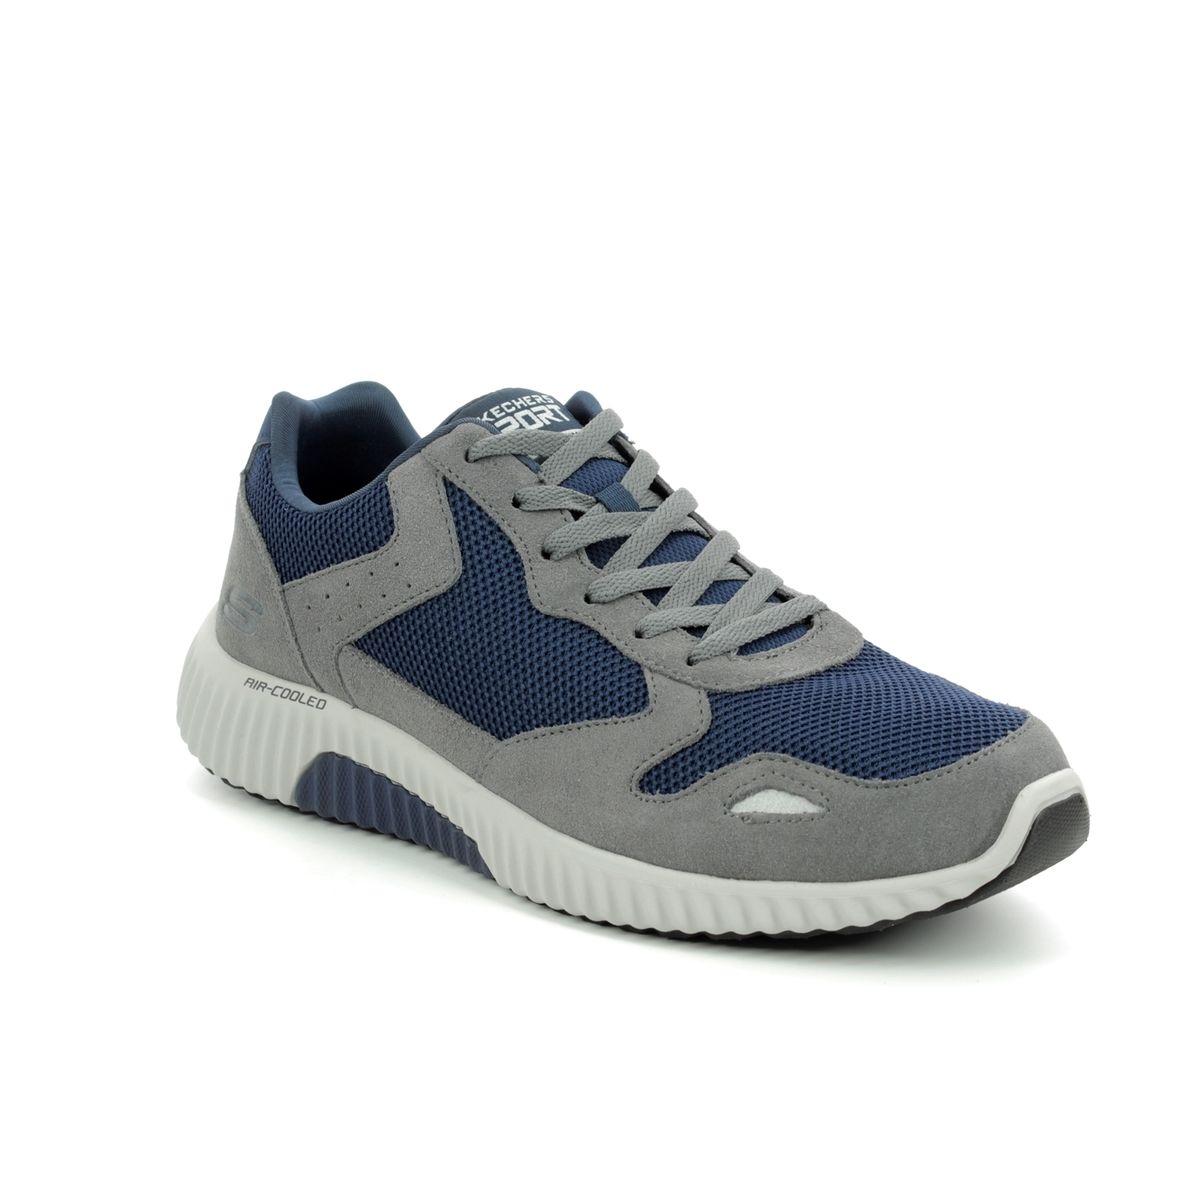 SKECHERS Herren – Sneaker PAXMEN 52518 – charcoal navy